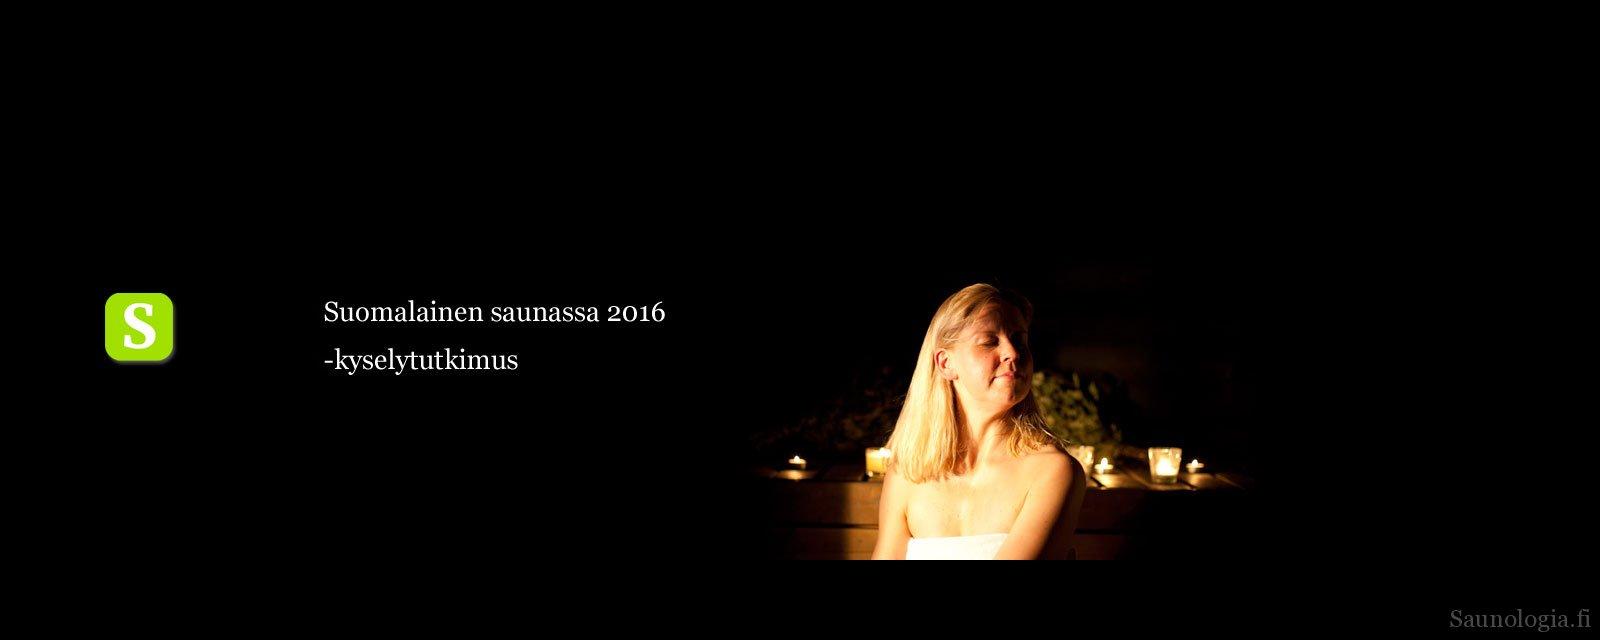 Kolme asiaa, joita suomalainen ei saunassa siedä ja muita saunakokemustutkimuksen havaintoja